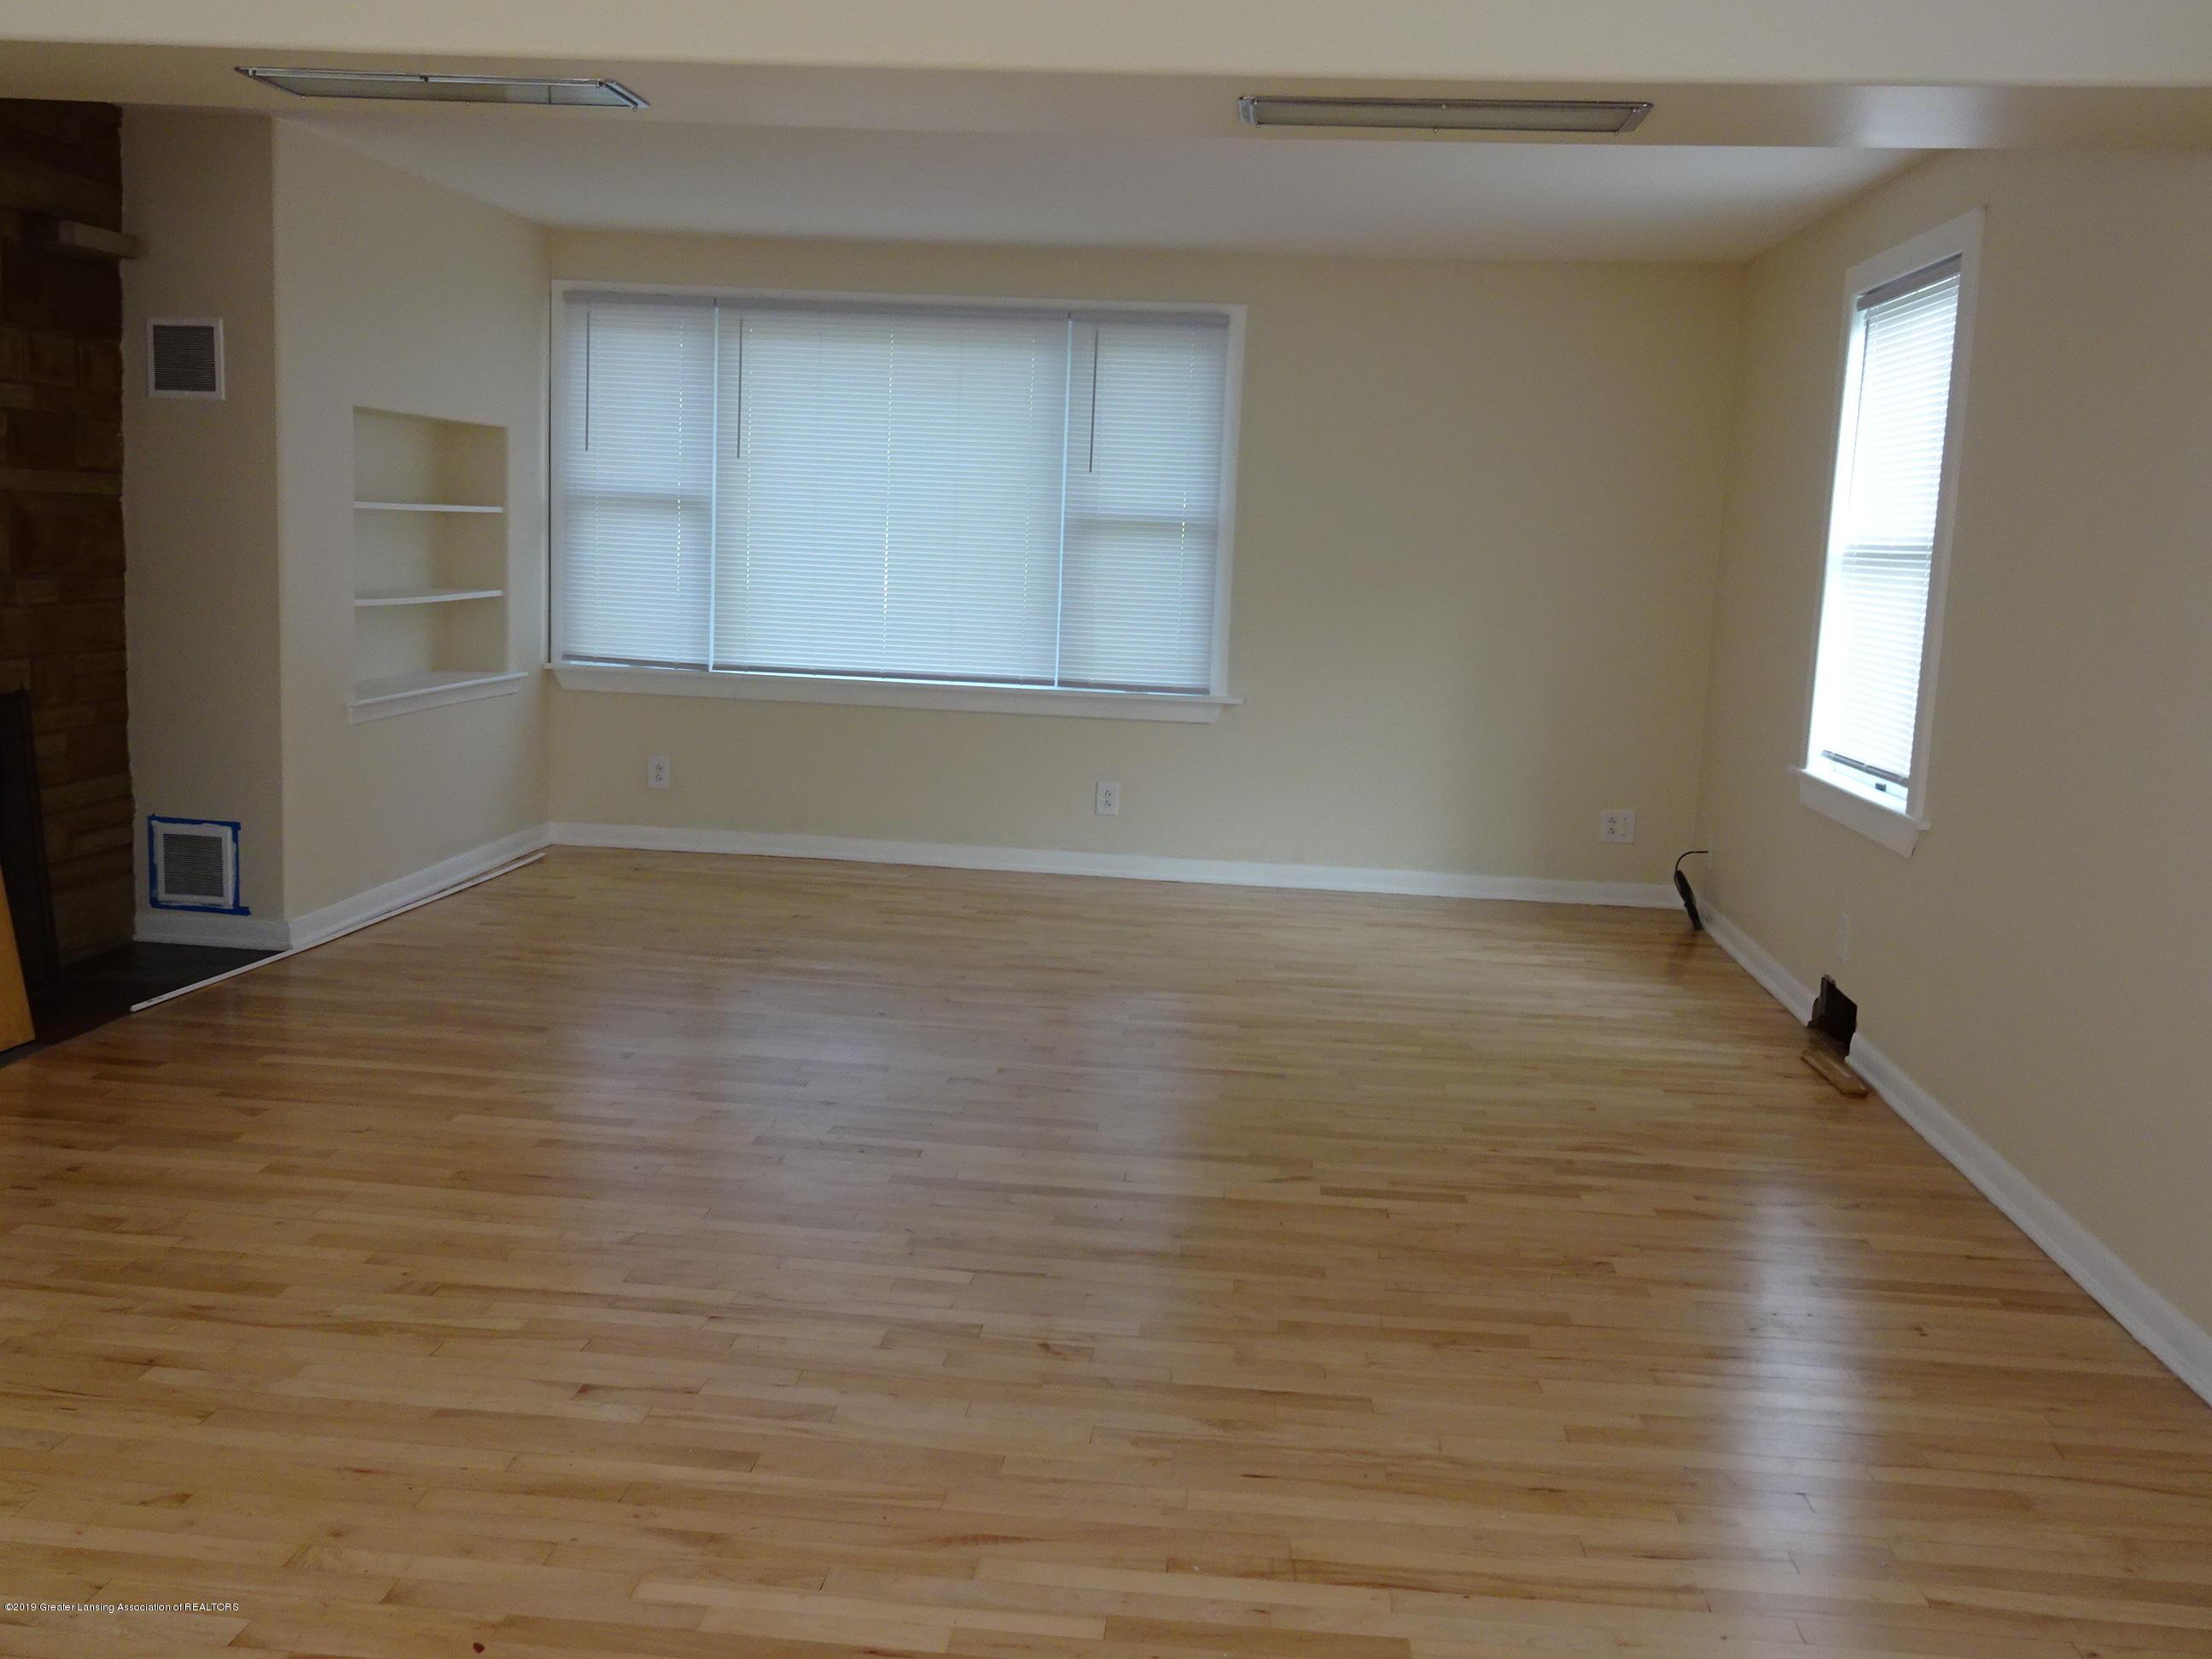 4632 Old Lansing Rd - old lansing rd living room - 6